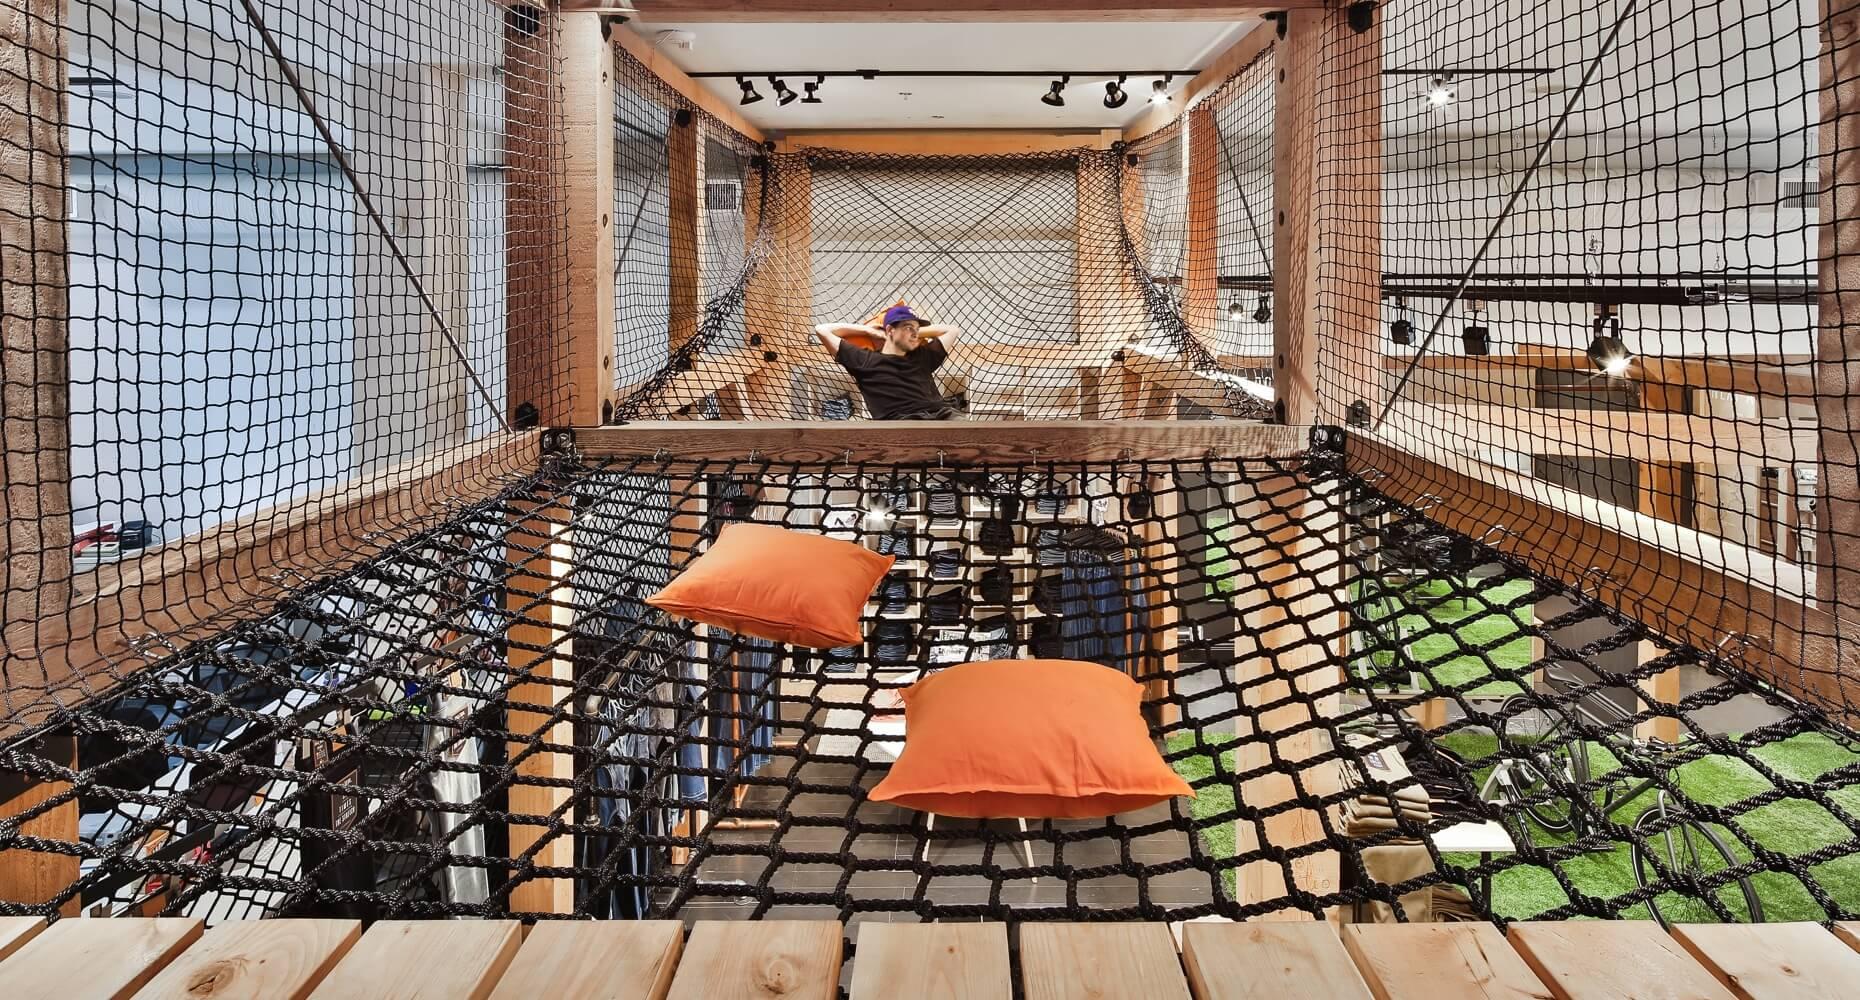 JDG Commercial Interior Design Project - DU/ER Gastown: